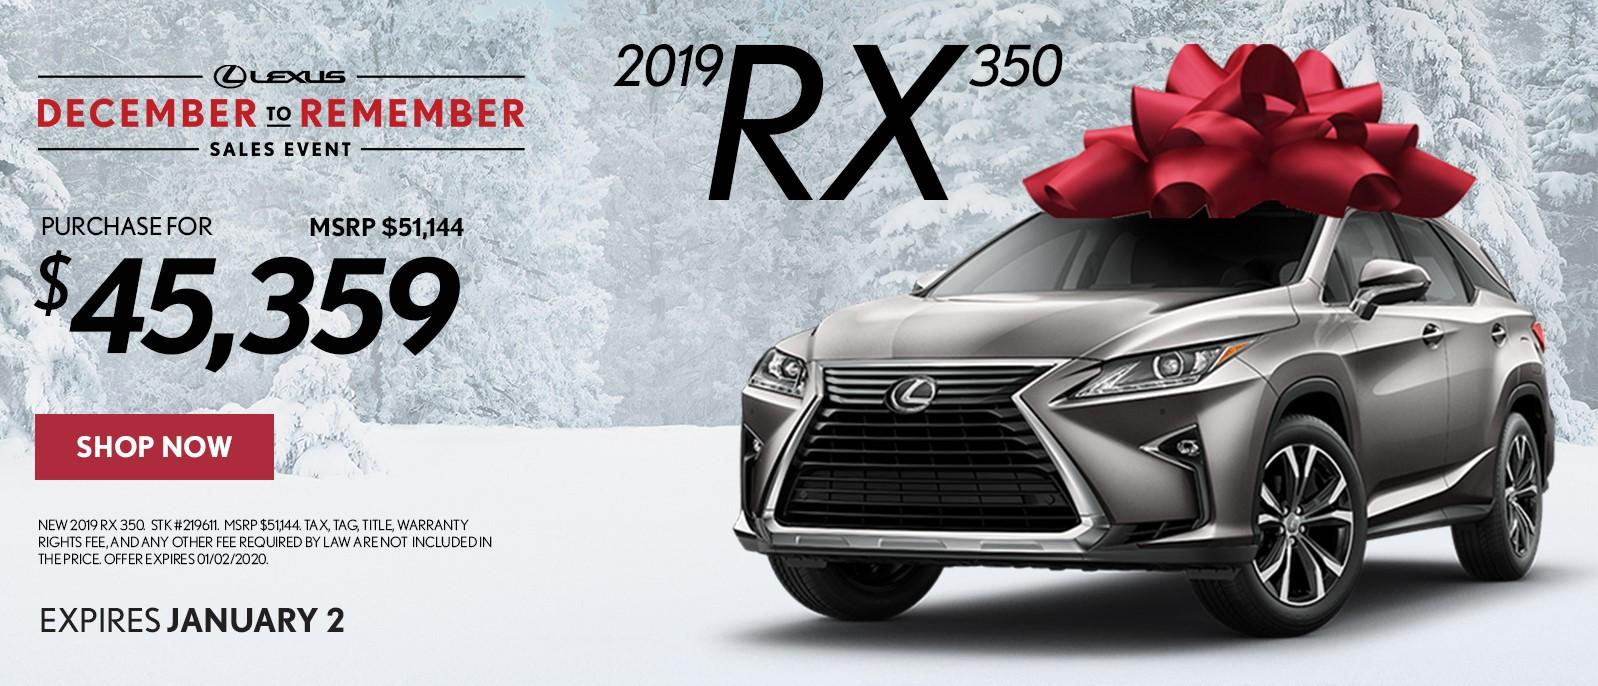 2019 RX 350 Gwinnett